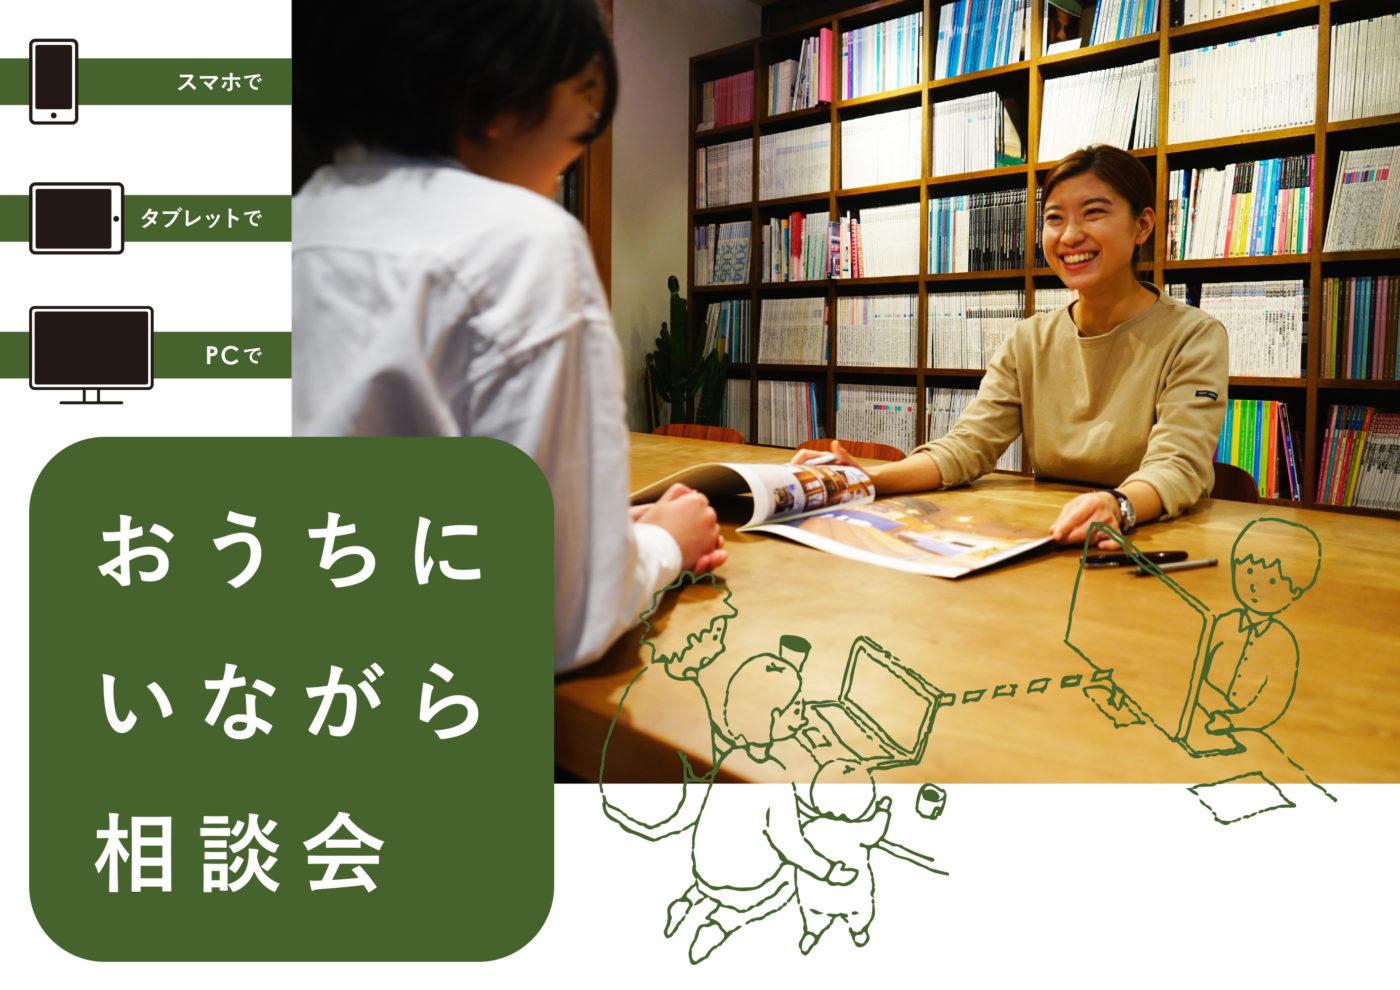 【予約受付中】各モデルハウス オンライン相談会